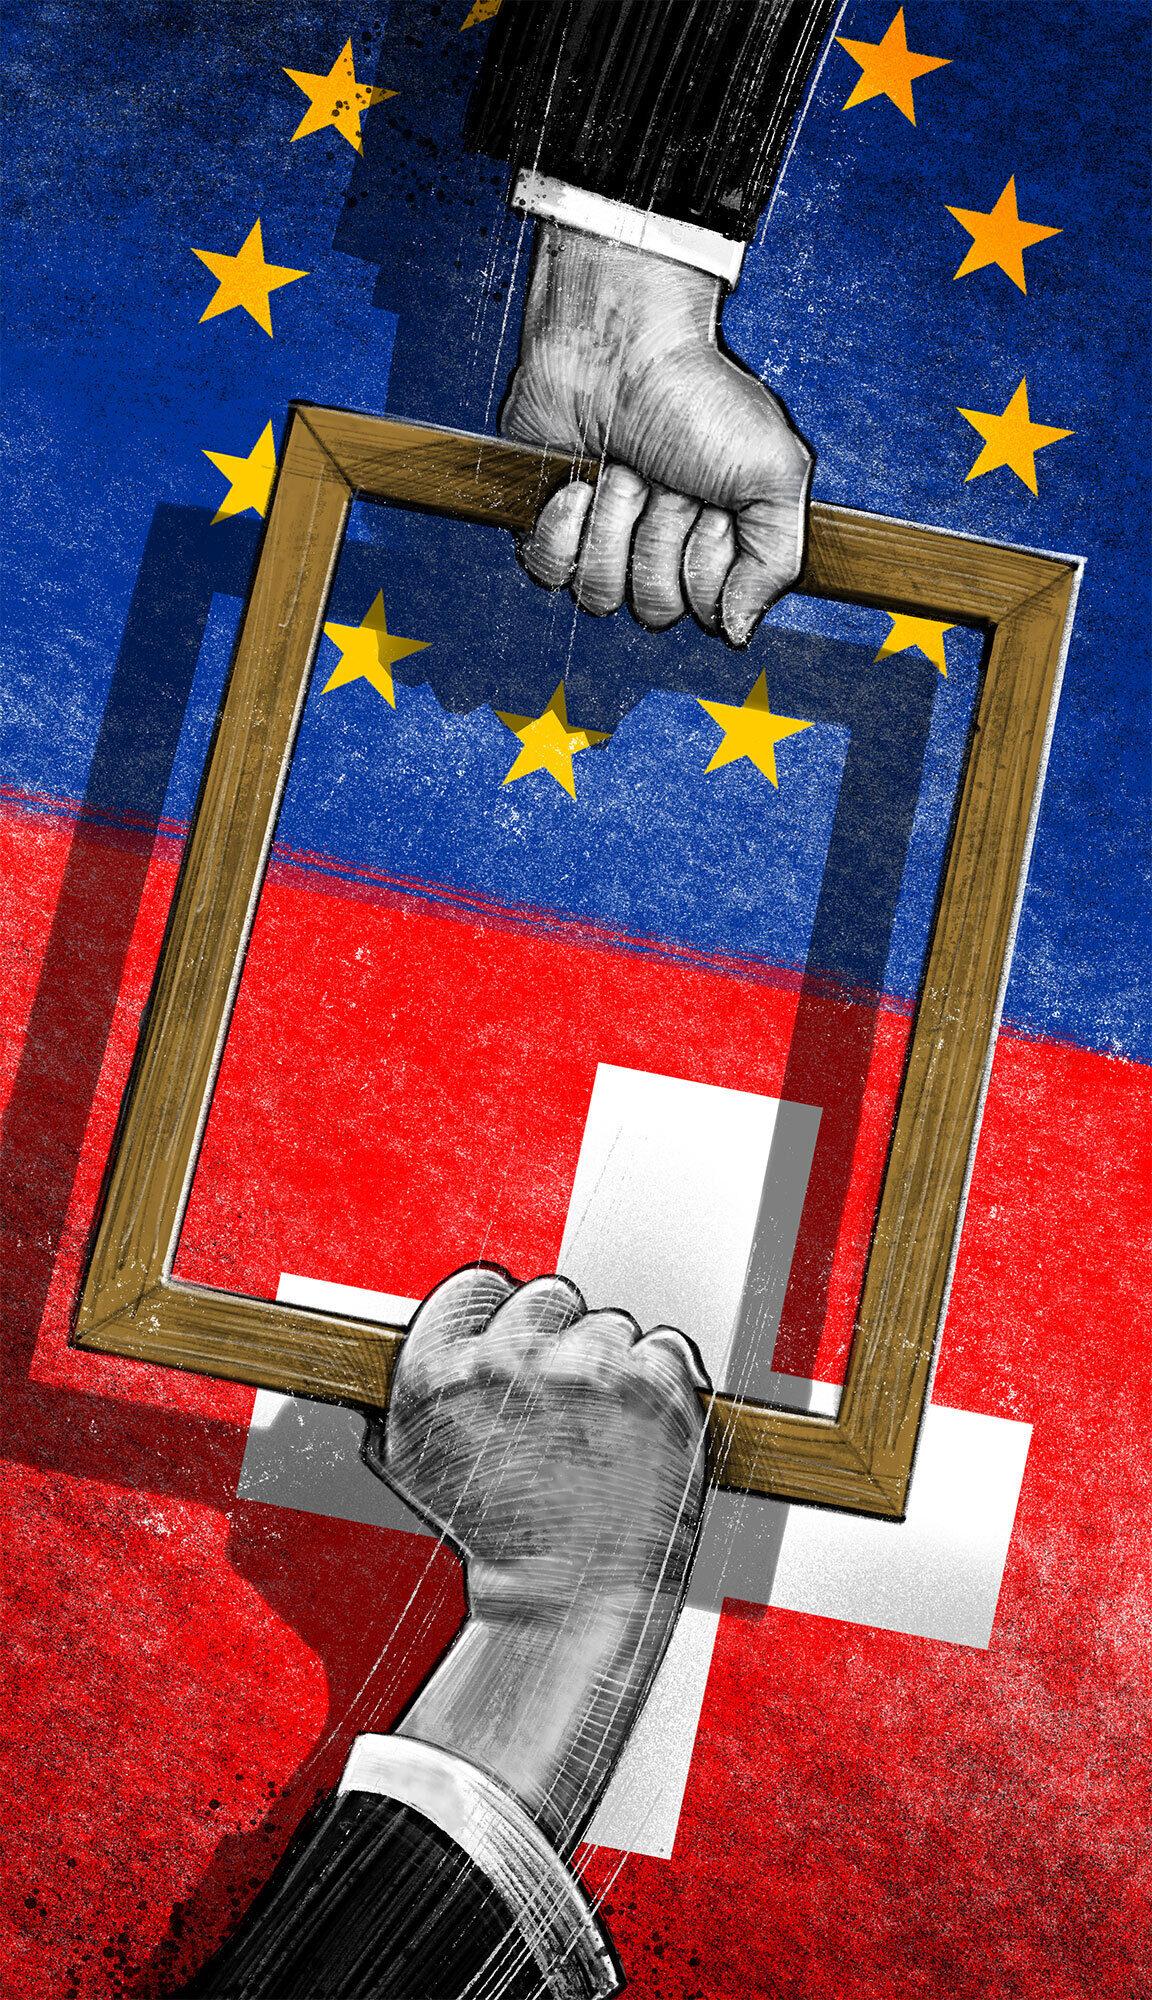 Rahmenabkommen - Kornel Illustration | Kornel Stadler portfolio